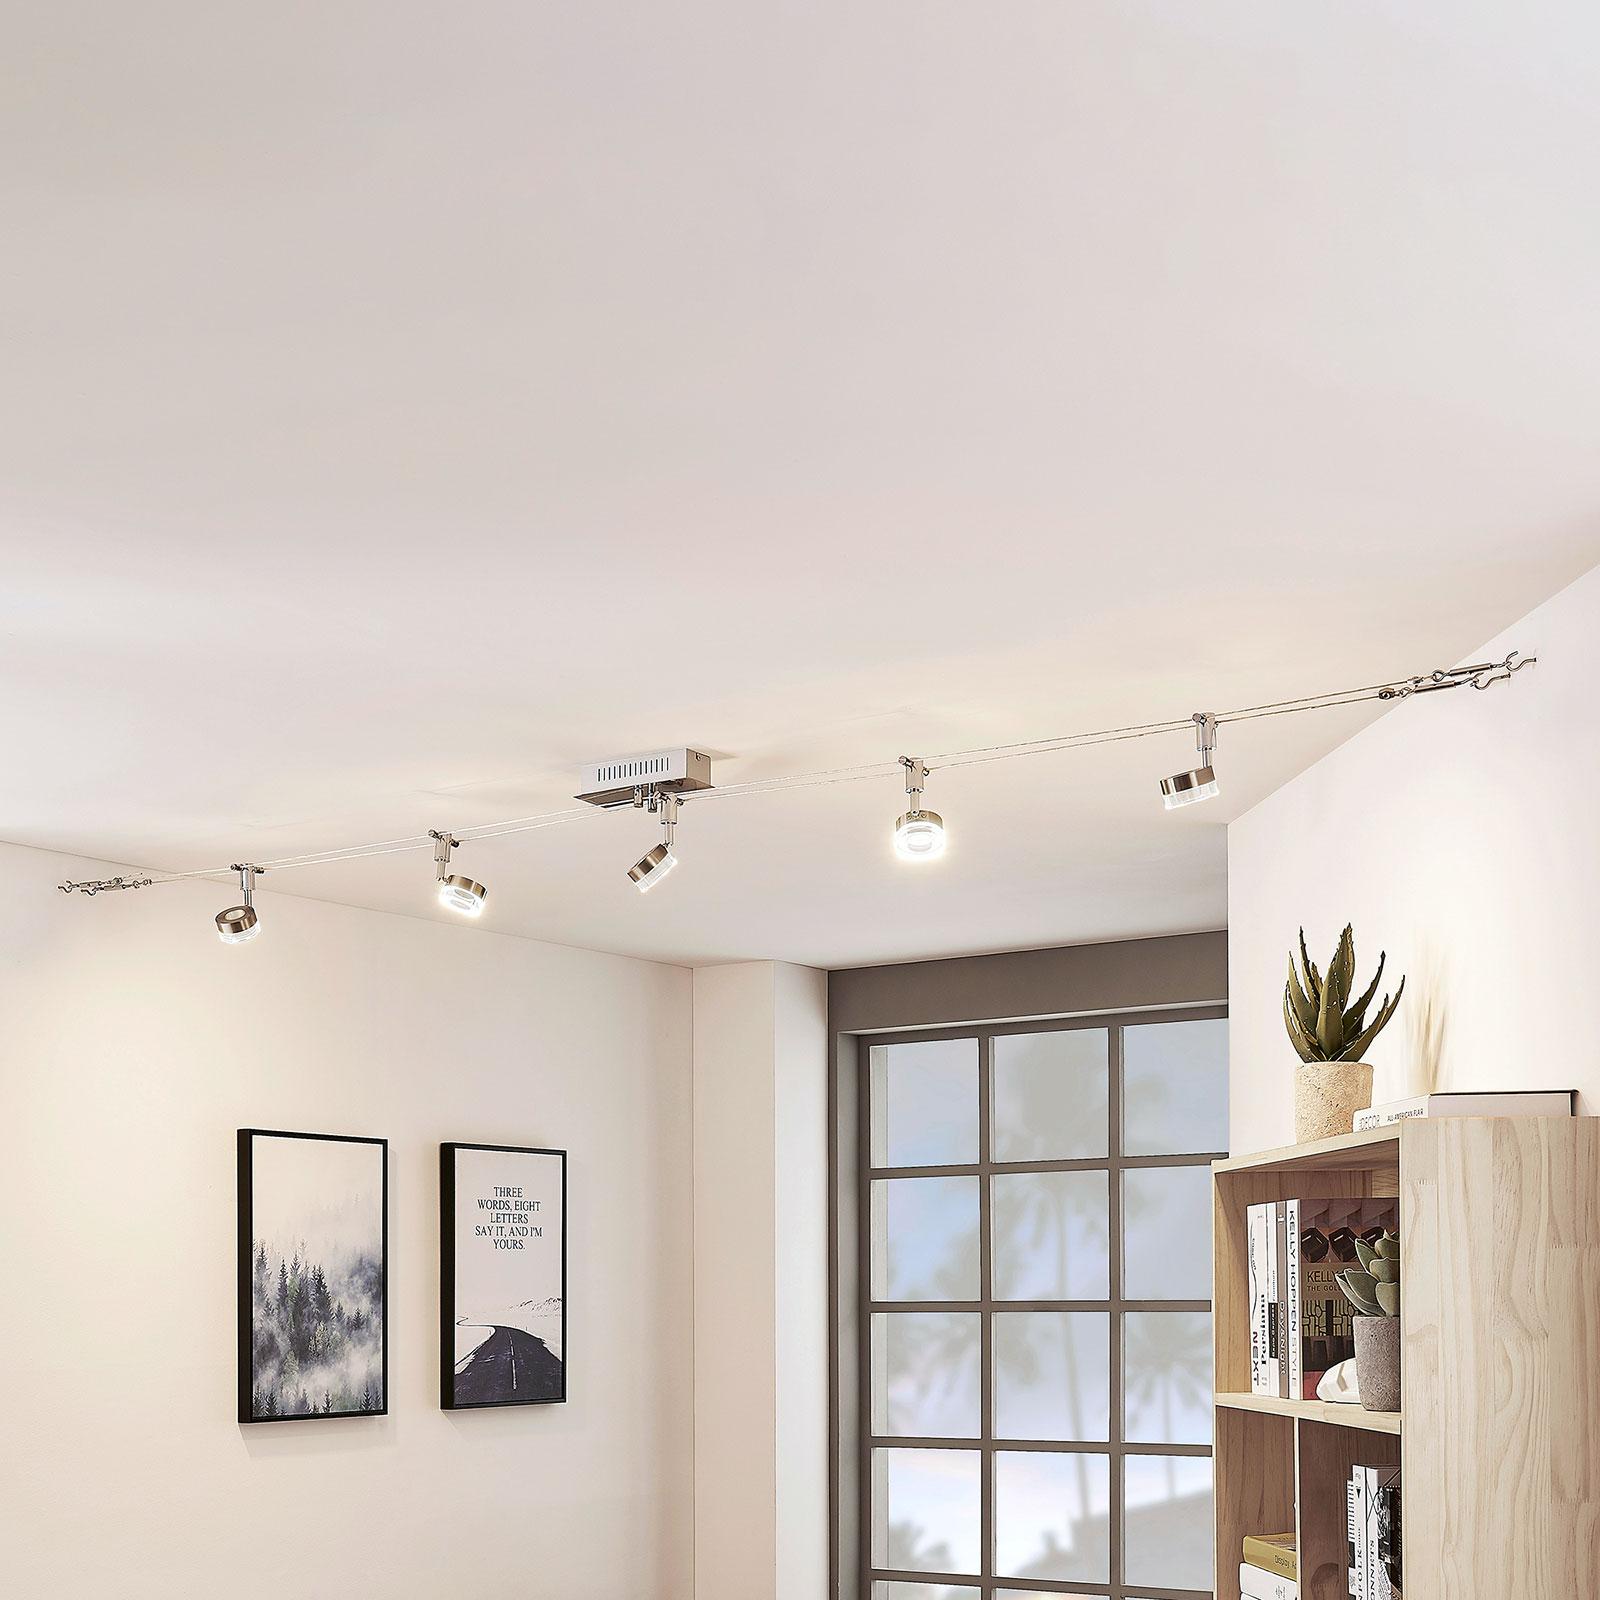 LED kabelverlichting Valeska, met vijf lampjes